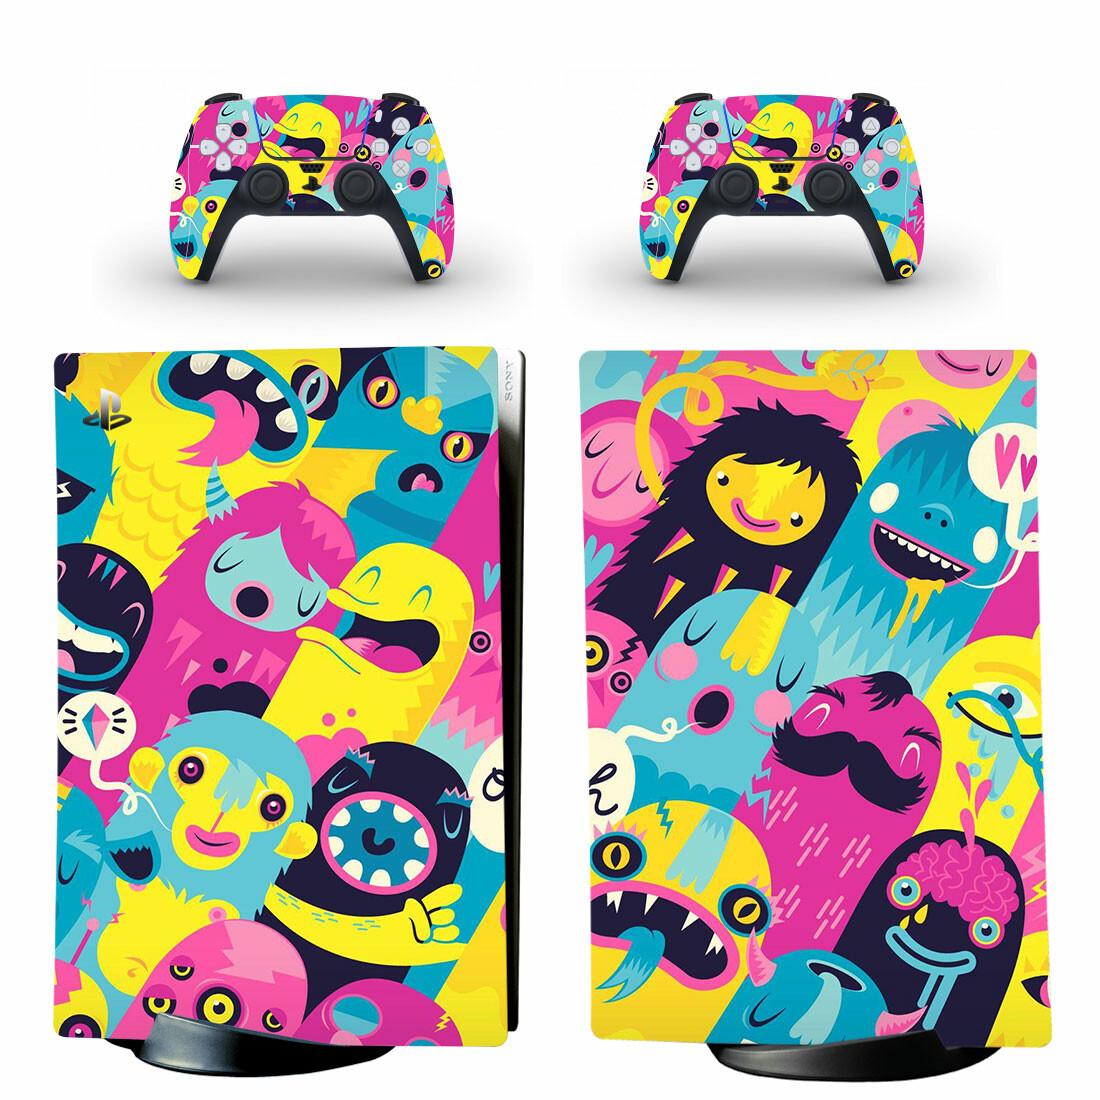 Monster Lienke Raben PS5 Digital Edition Skin Sticker Decal